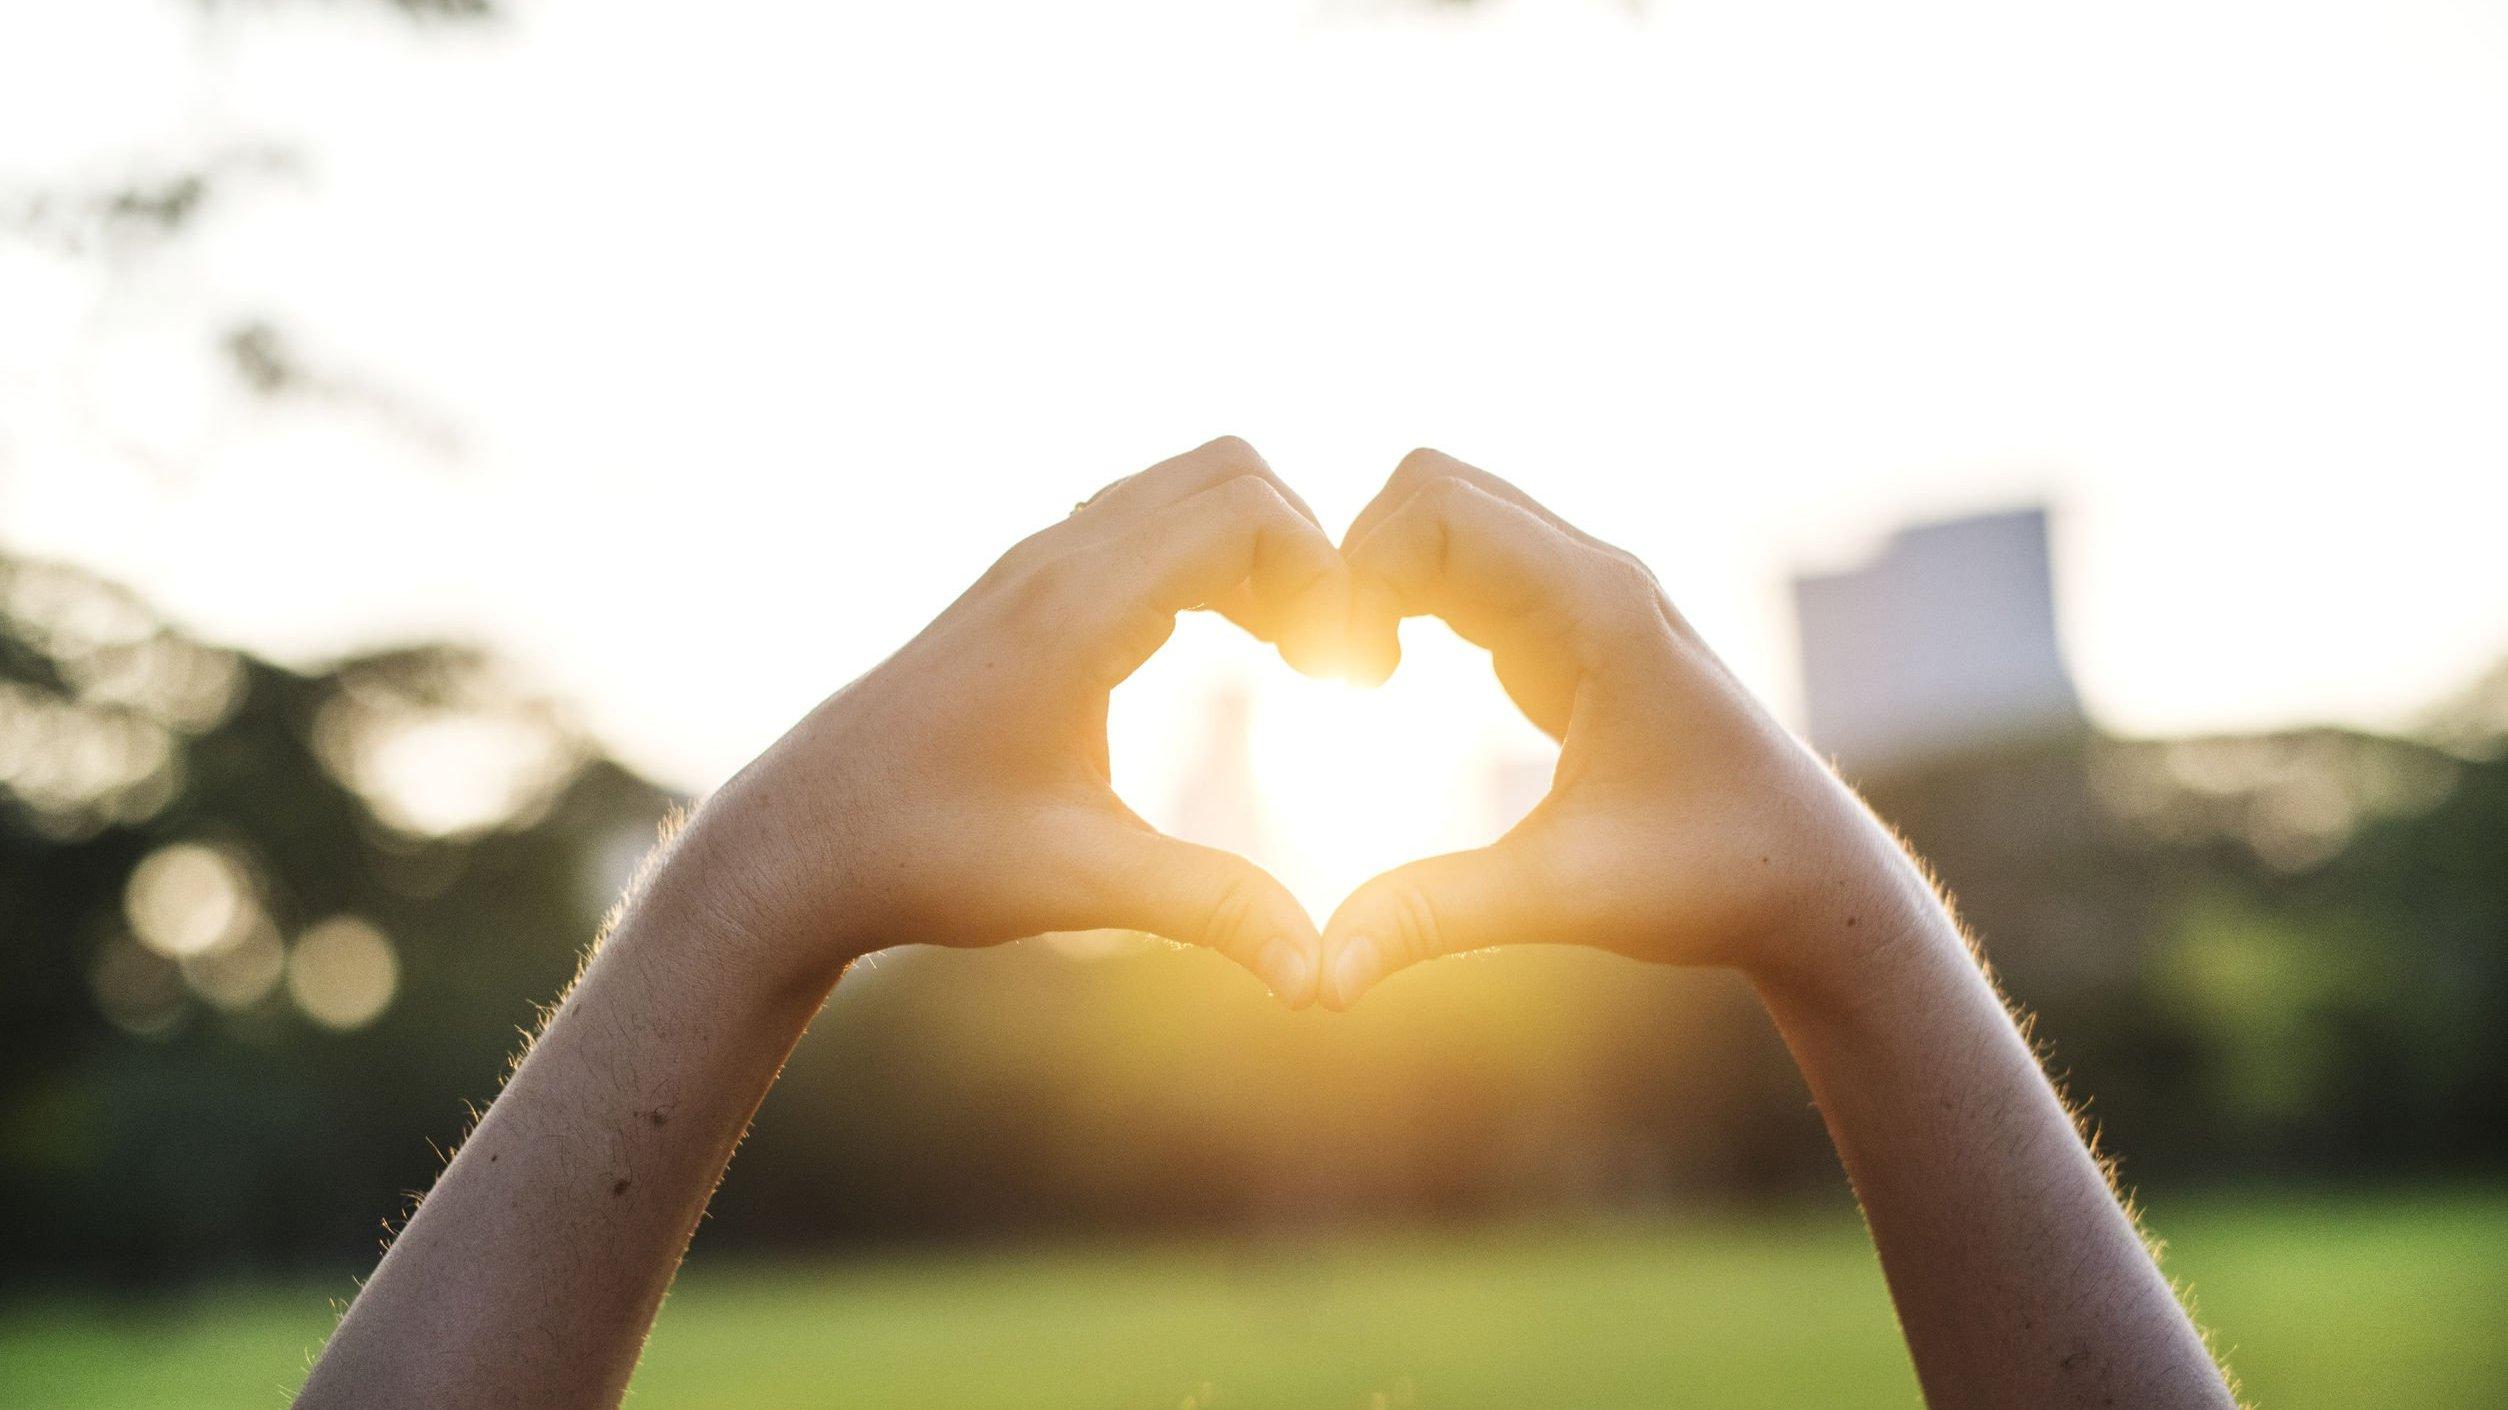 Pessoa fazendo um coração com as mãos em direção ao sol